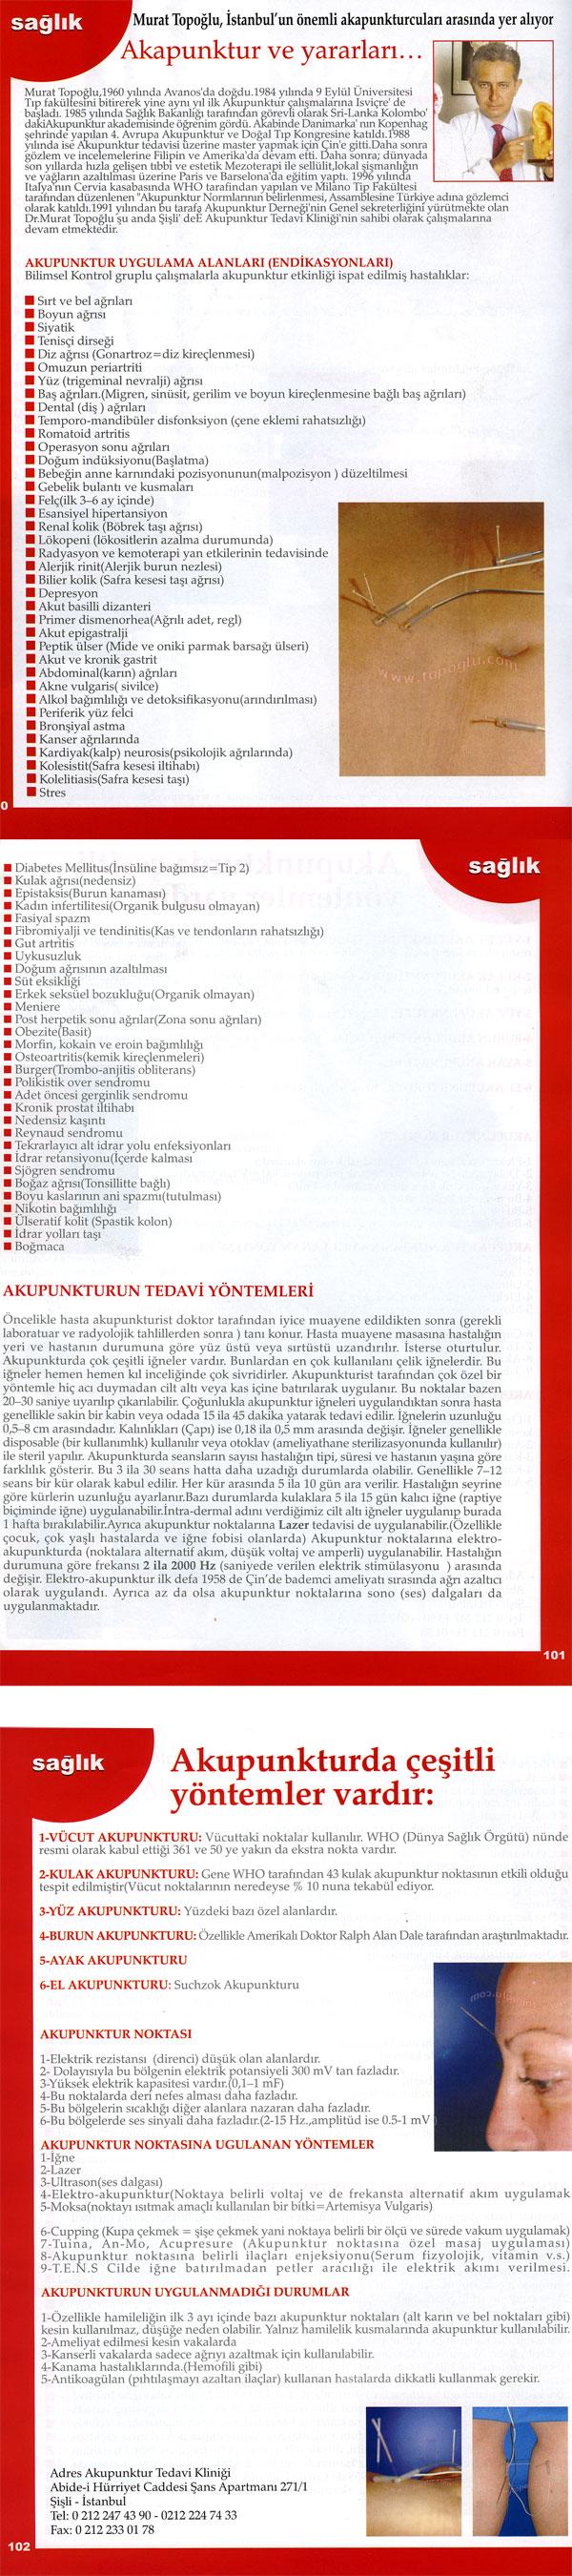 Dr. Murat TOPOĞLU Gazete ve Dergi Haberleri - 59